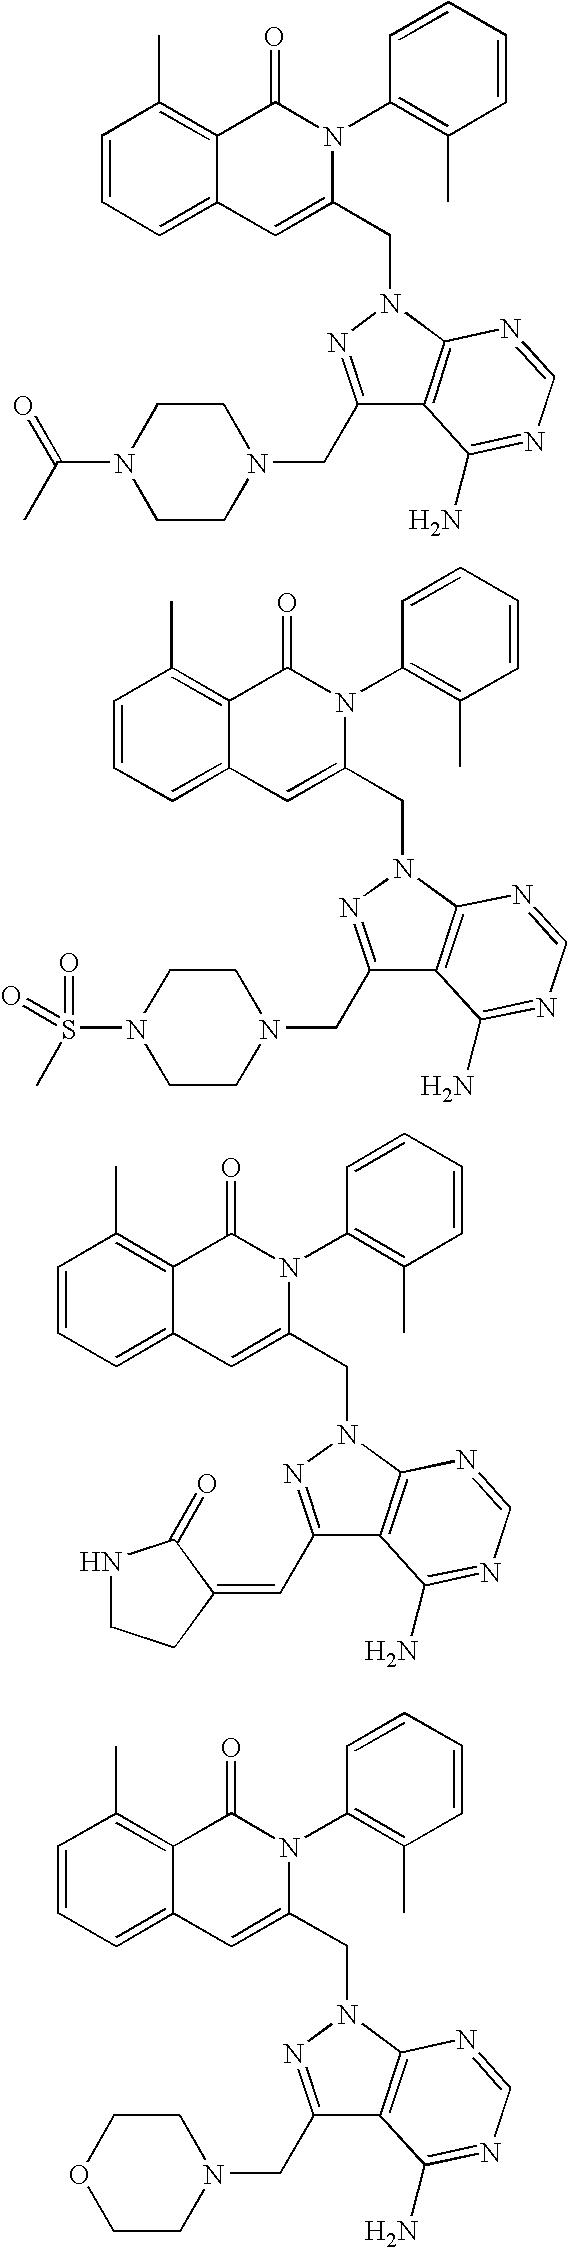 Figure US20090312319A1-20091217-C00273